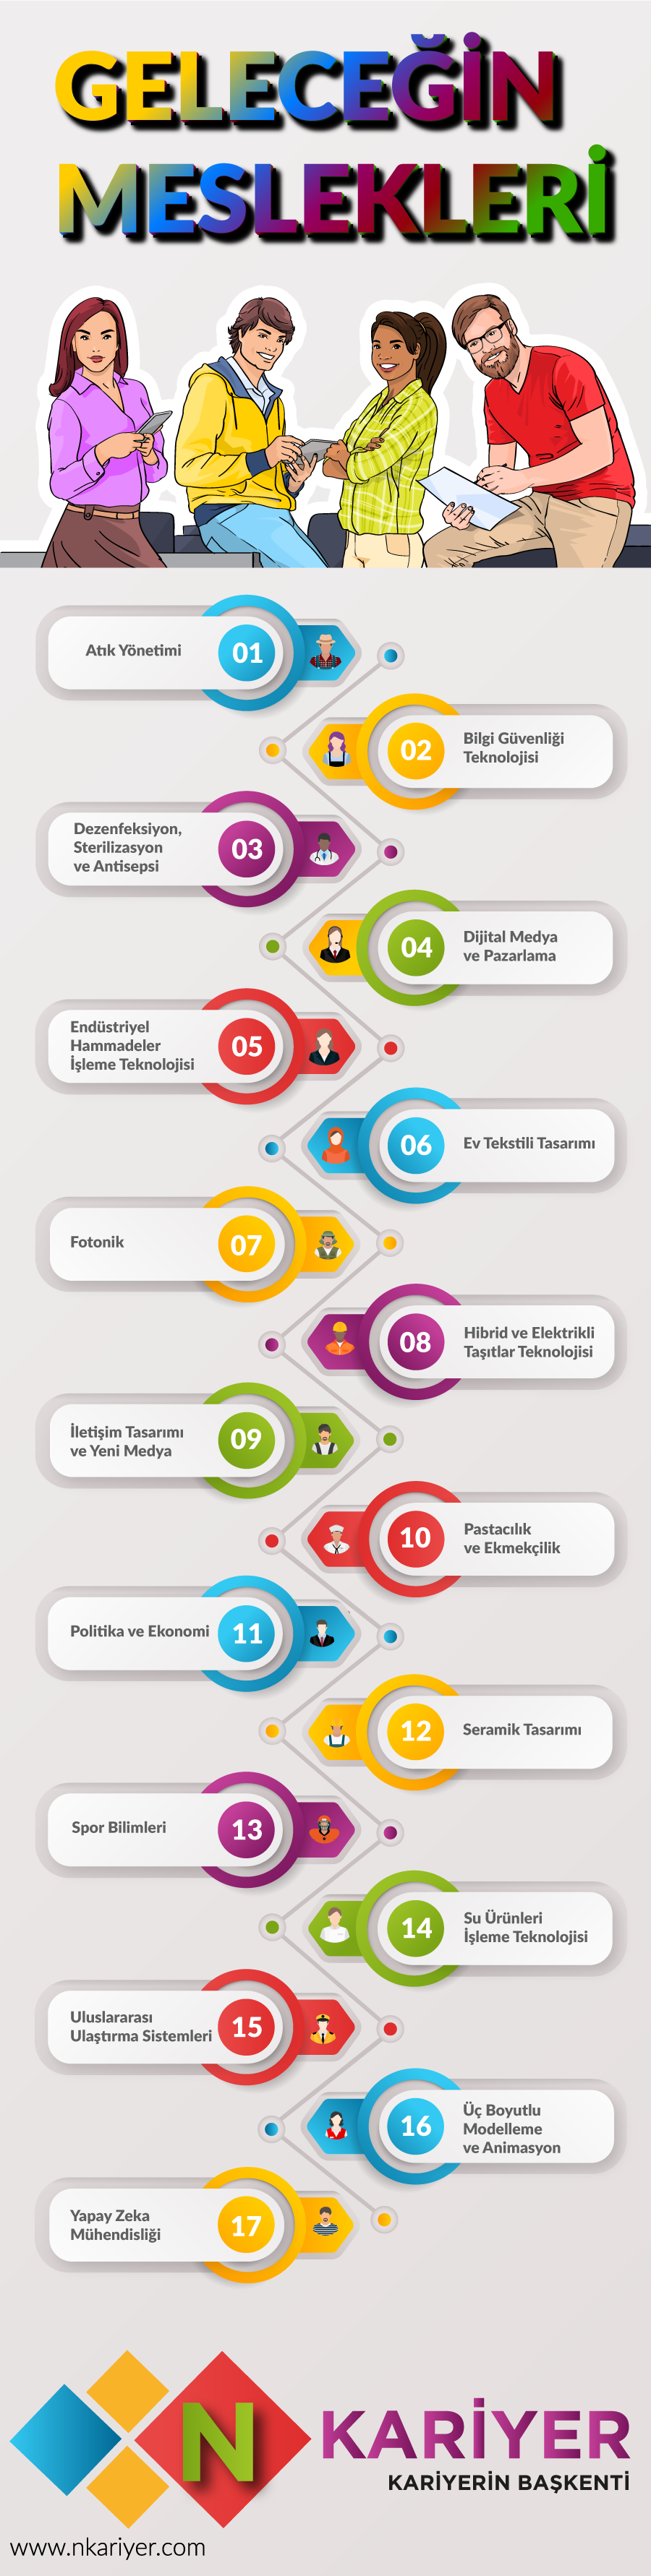 gelecegin-meslekleri-infografik